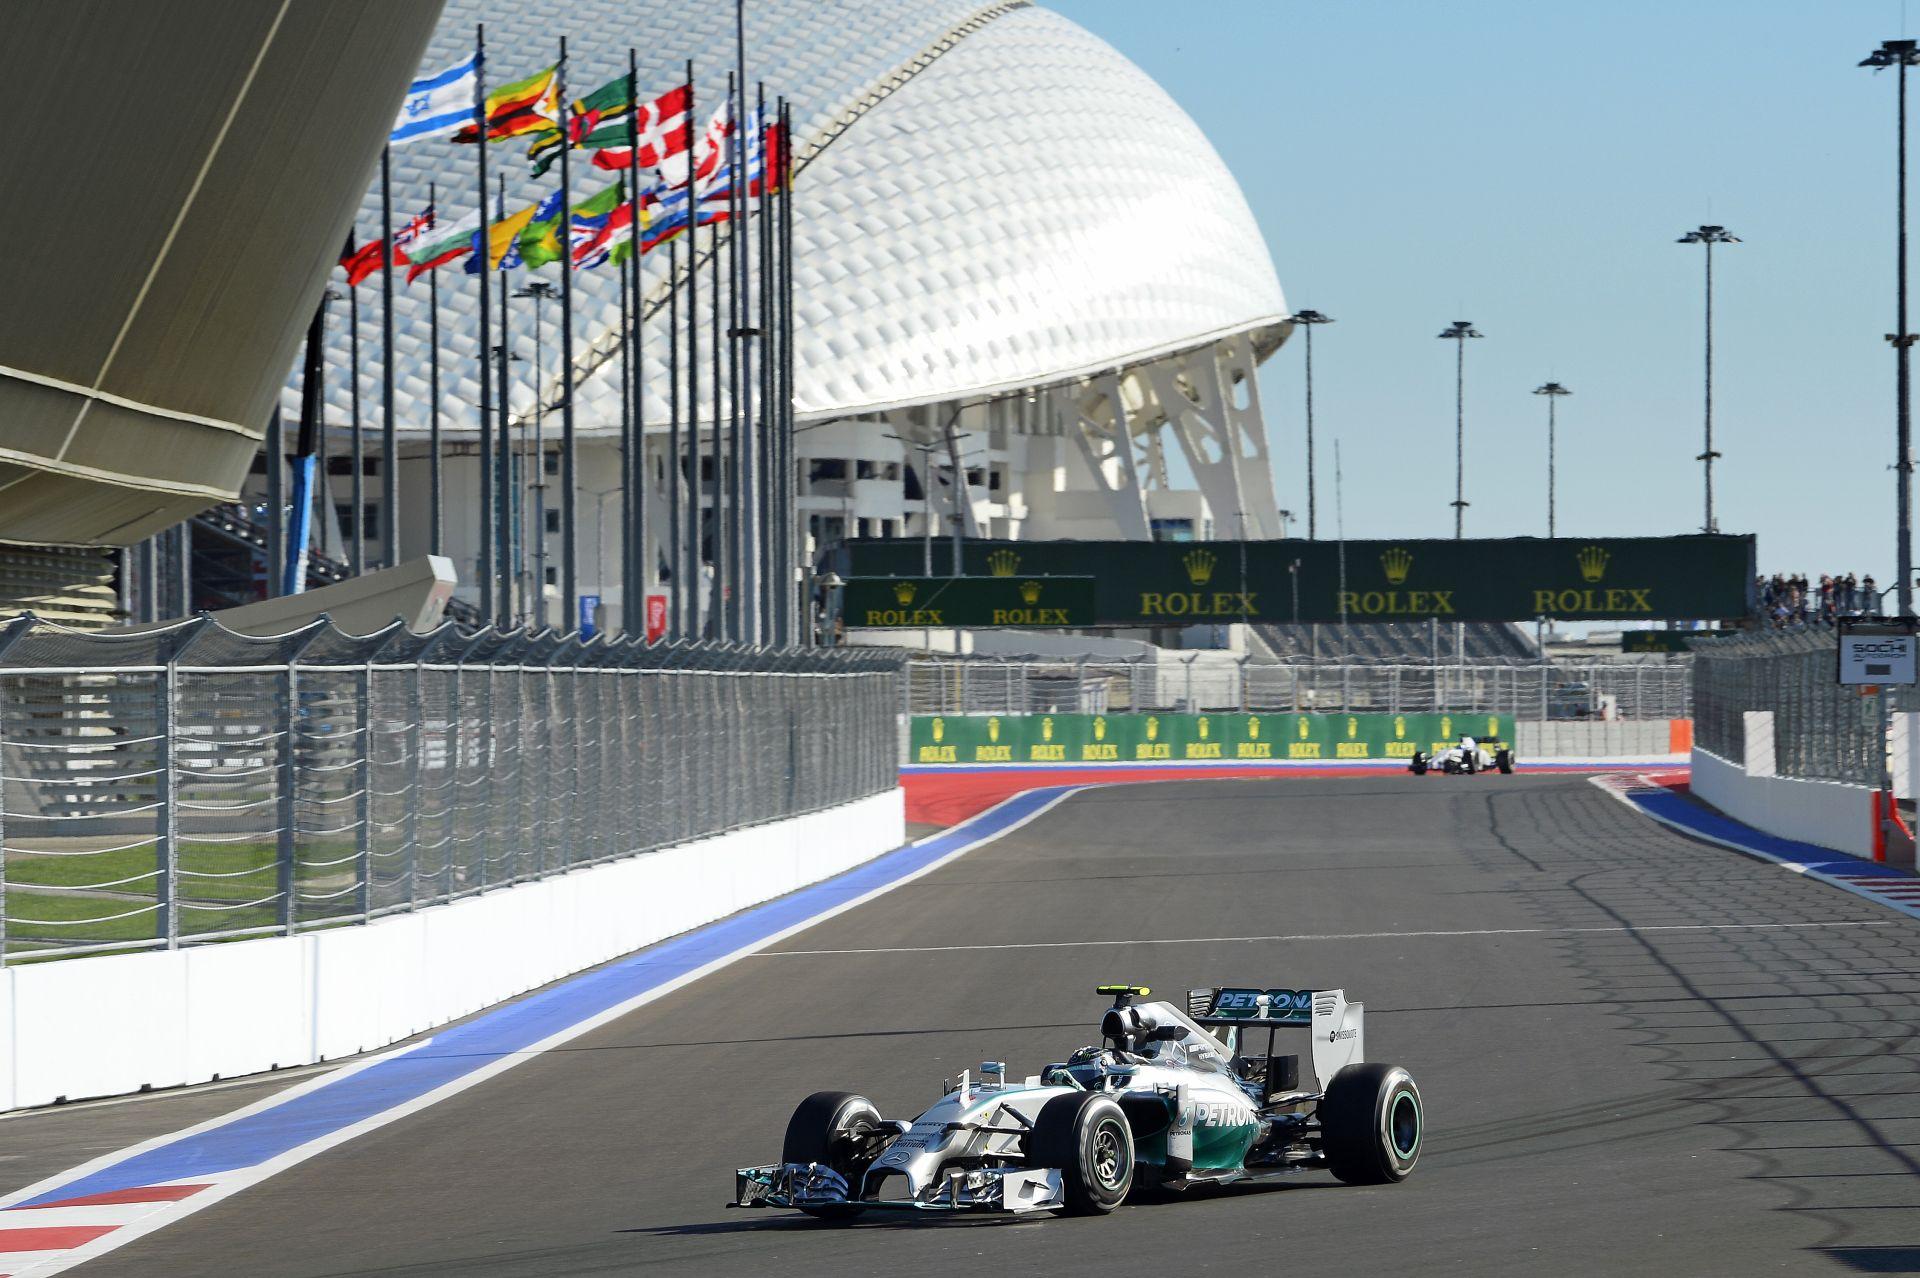 Ilyen egy kör az orosz F1-es versenypályán: Nico Rosberg onboard péntekről